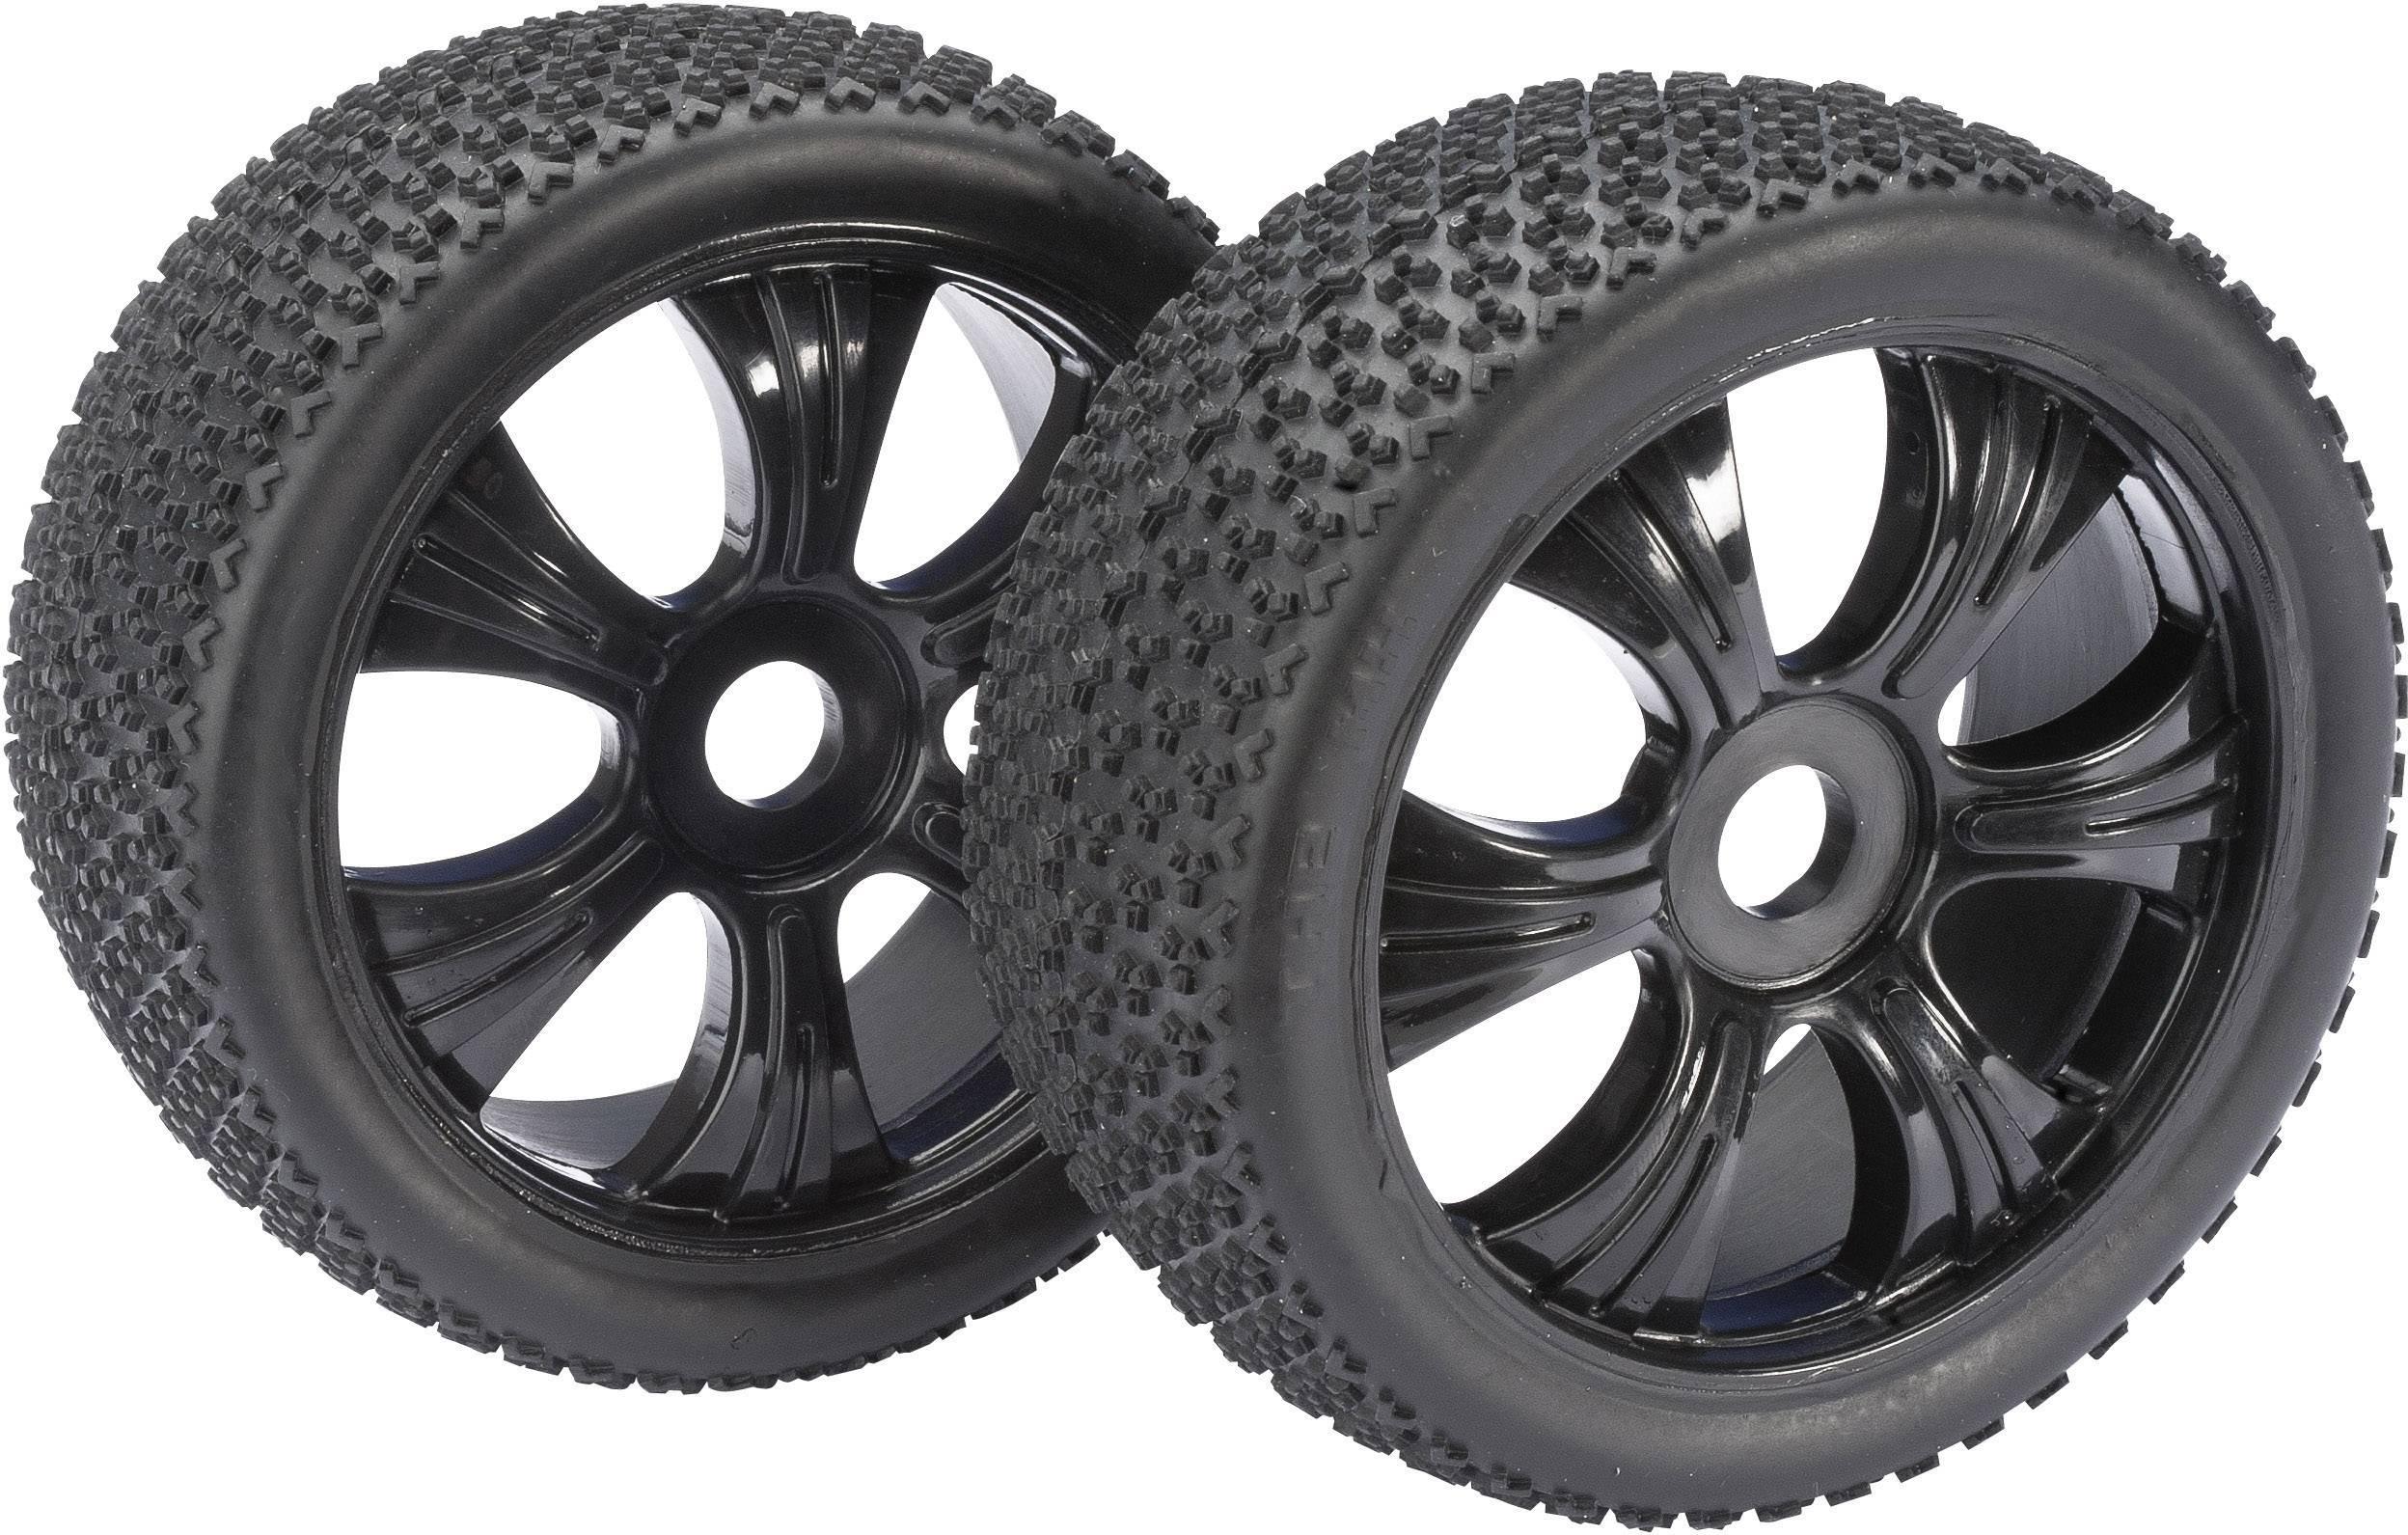 Kompletné kolesá 3-Pin Absima 2520011 pre buggy, 116 mm, 1:8, 2 ks, čierna